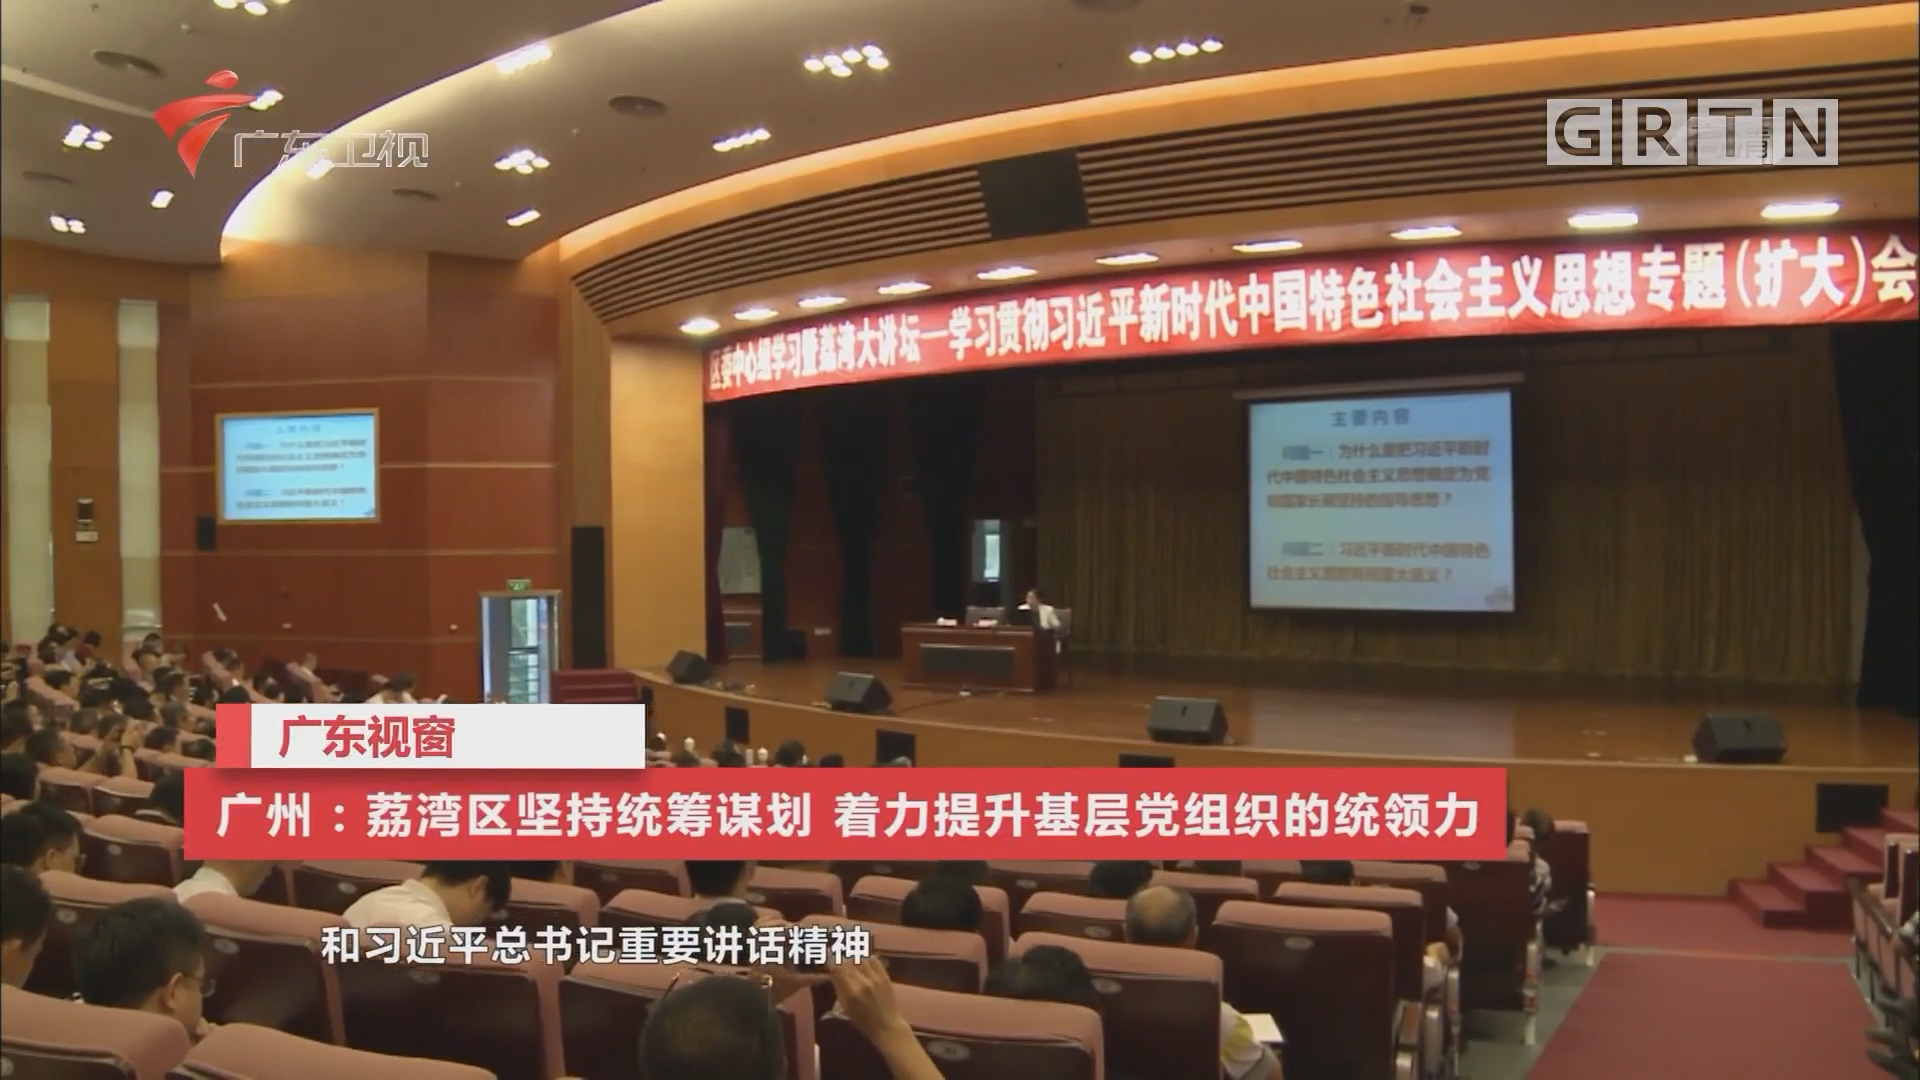 [HD][2018-10-27]广东视窗:广州:荔湾区坚持统筹谋划 着力提升基层党组织的统领力